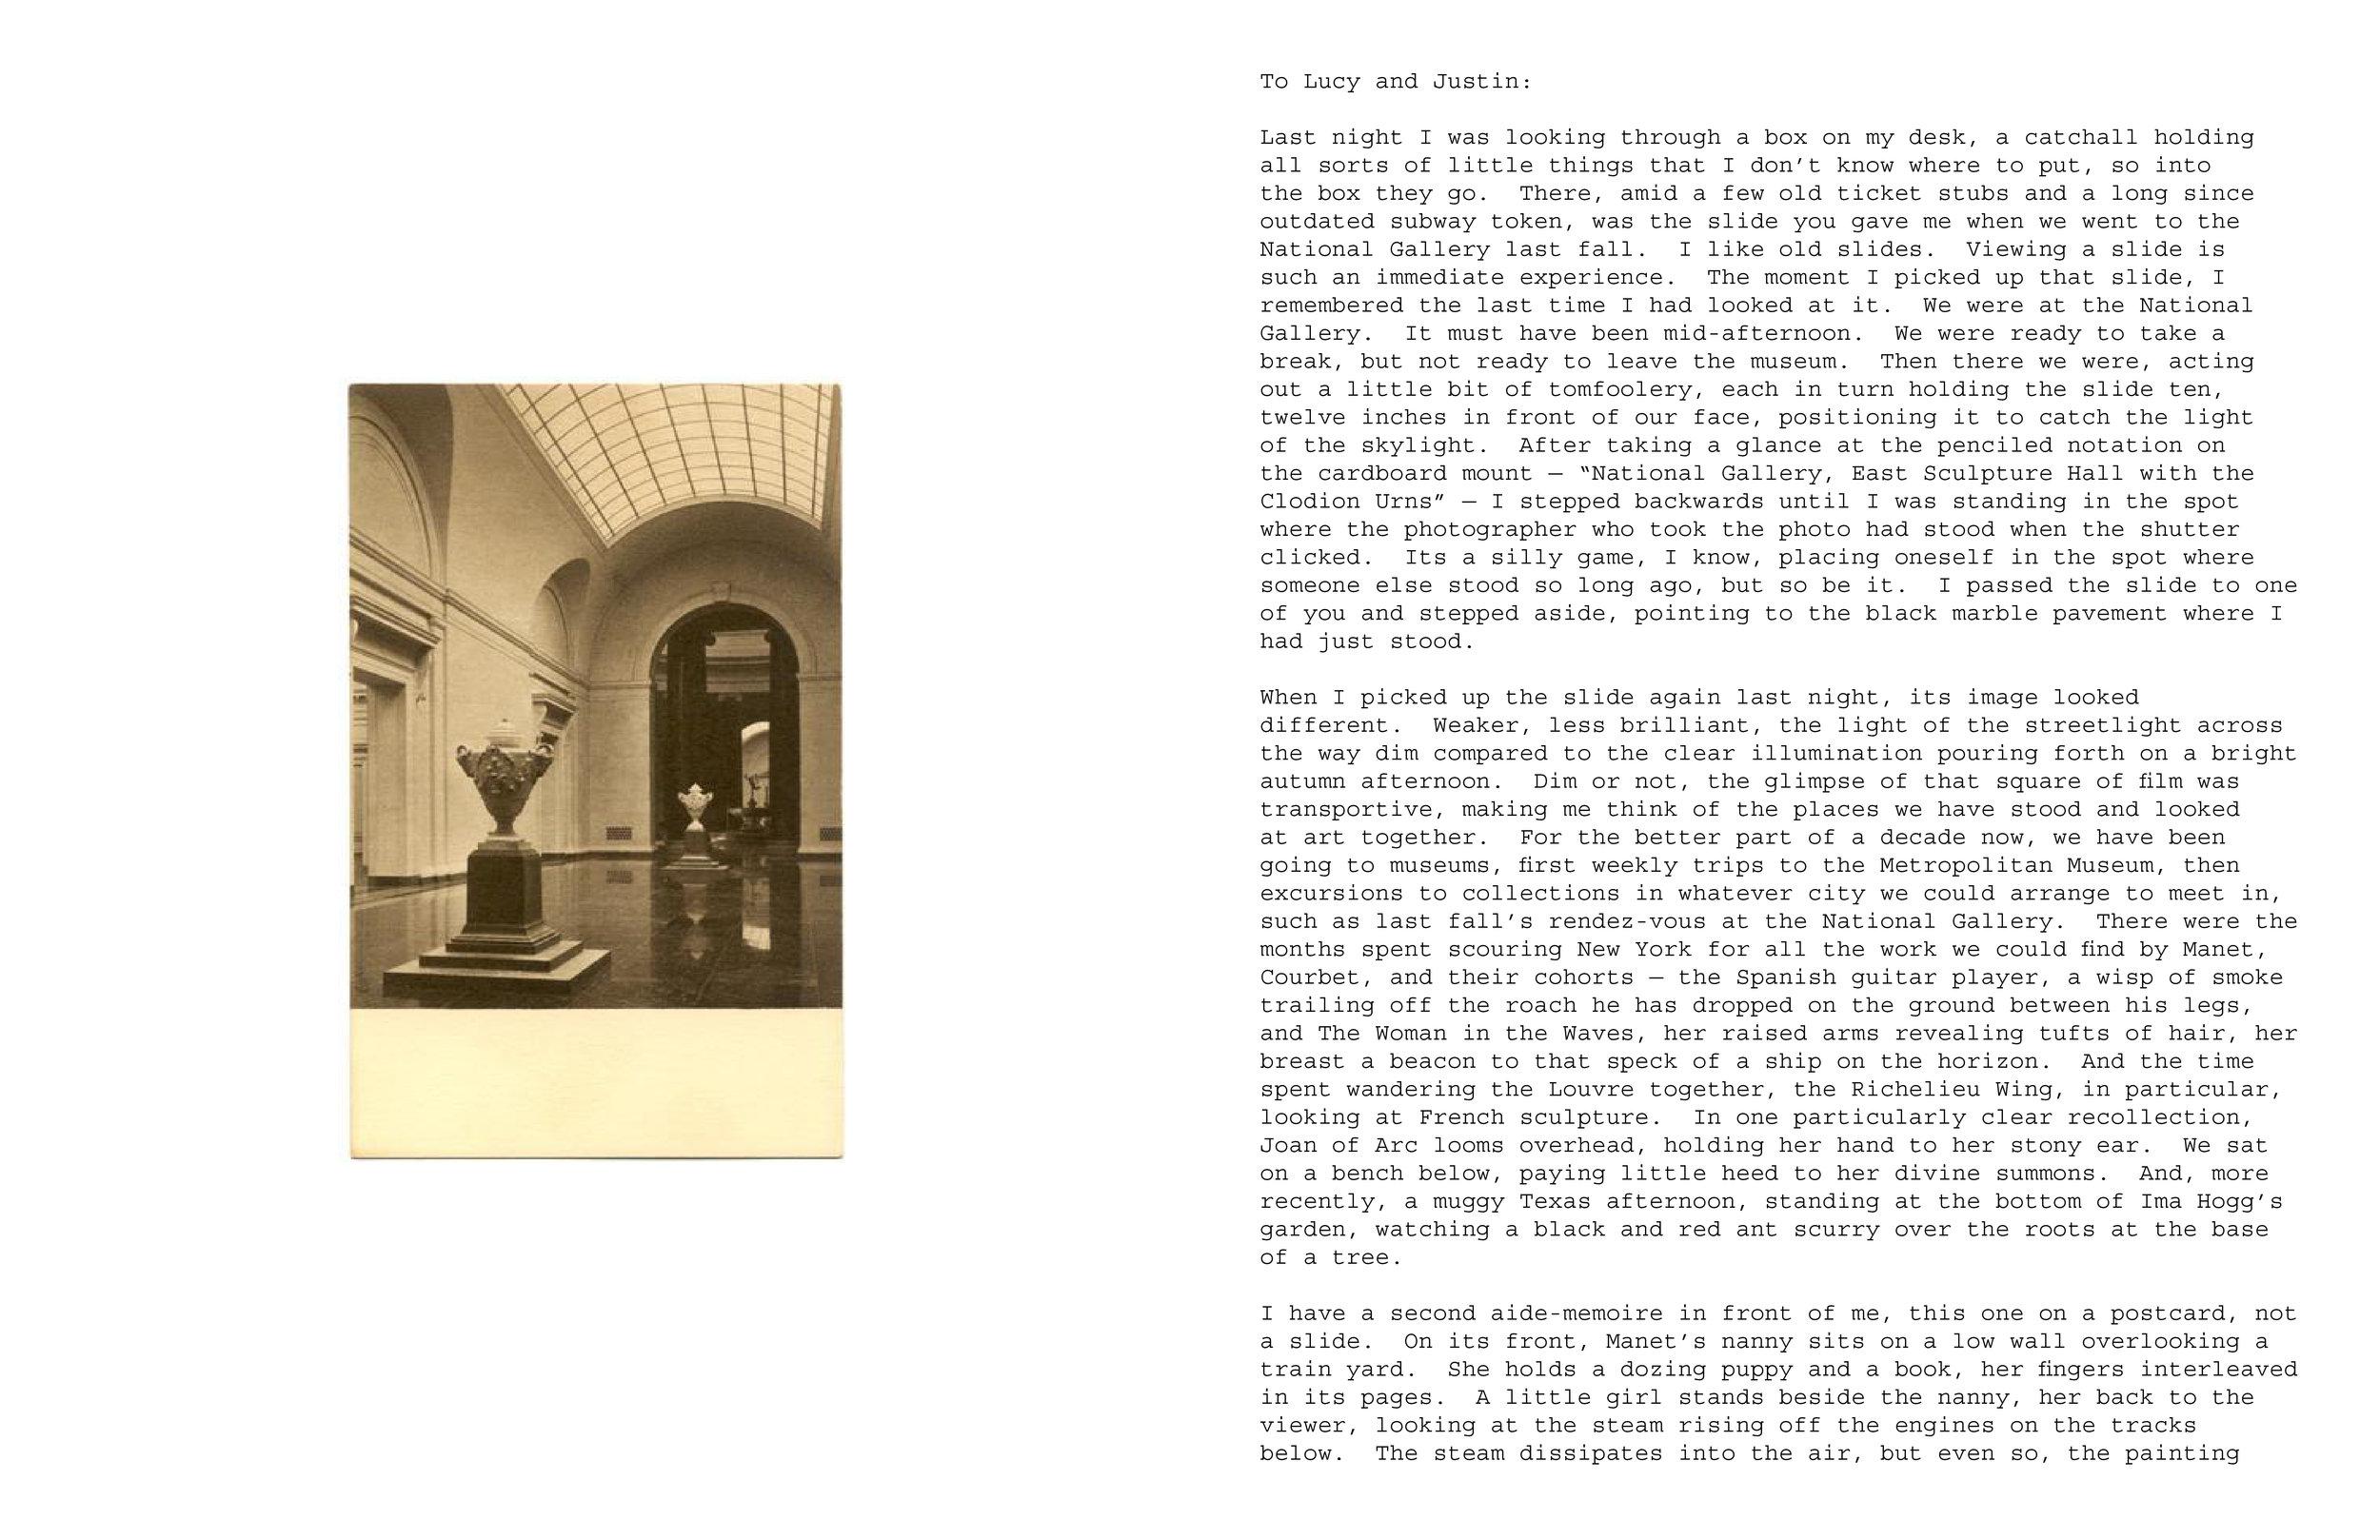 1_Correspondence_Excerpt.jpg